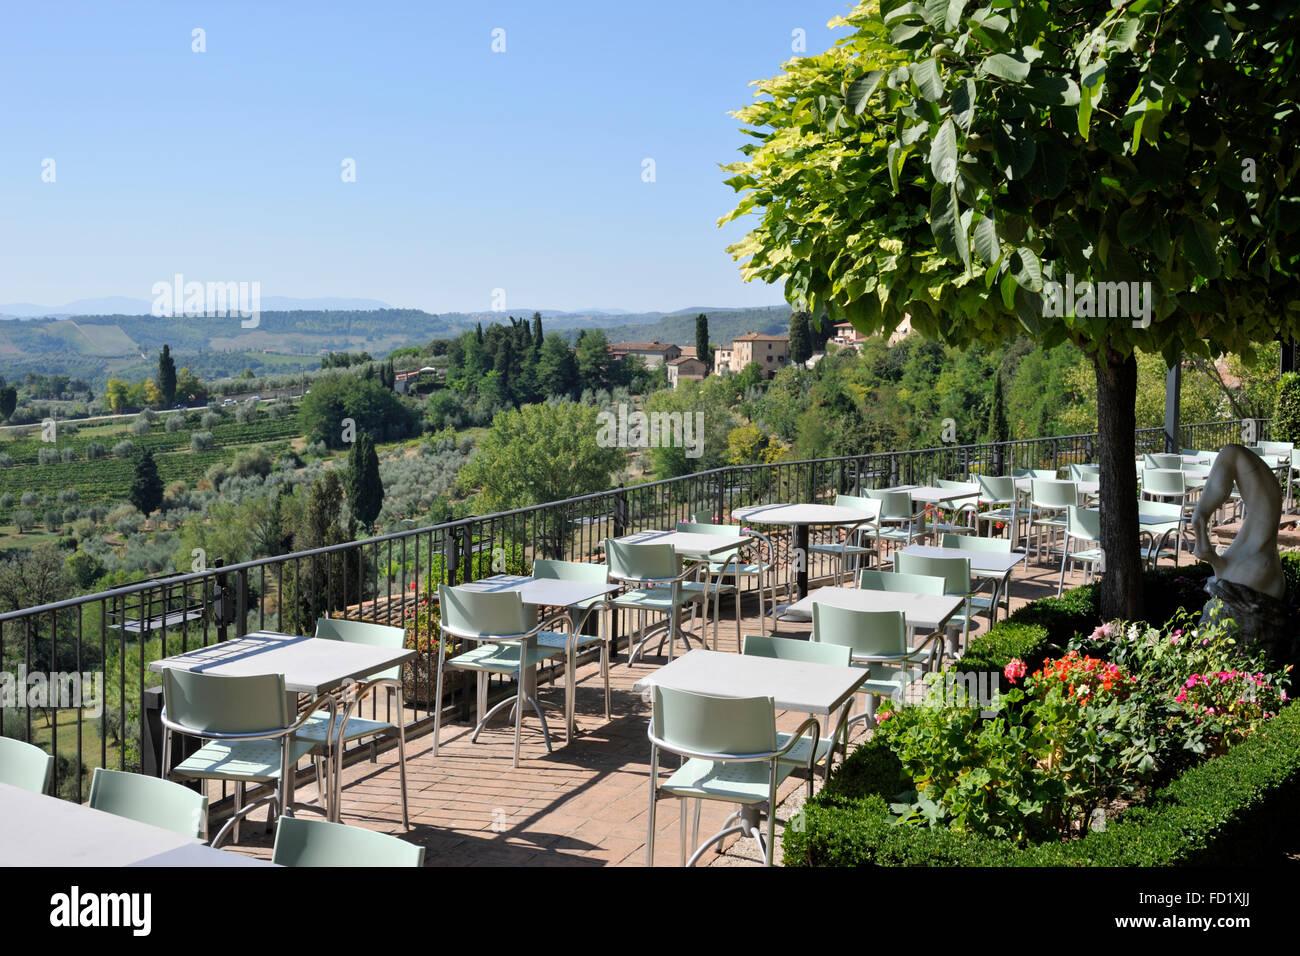 Restaurant Le Vecchie Mura San Gimignano Tuscany Italy Stock Photo Alamy